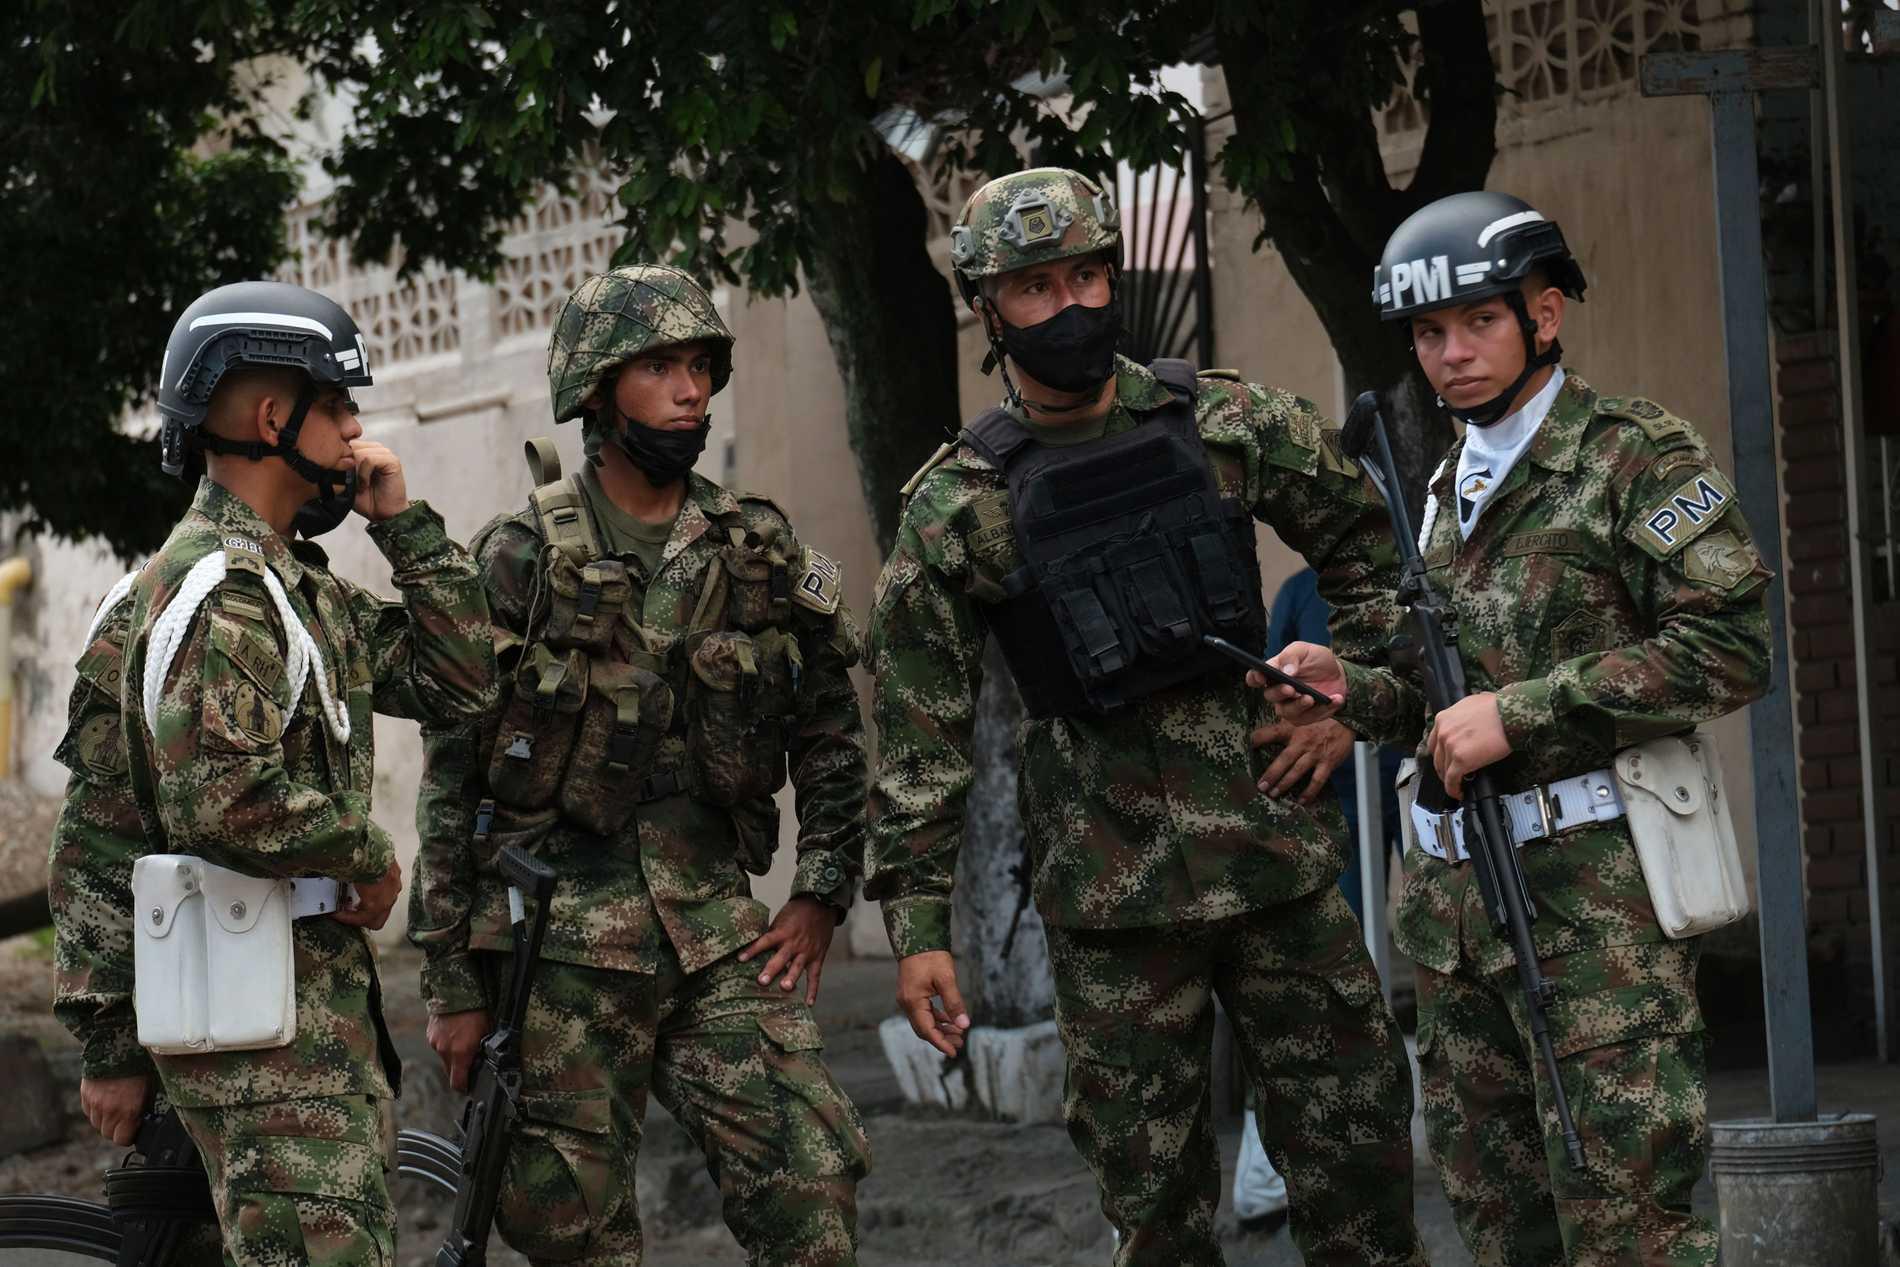 Soldater vaktar vid militärbasen där en bilbomb exploderade på tisdagen.